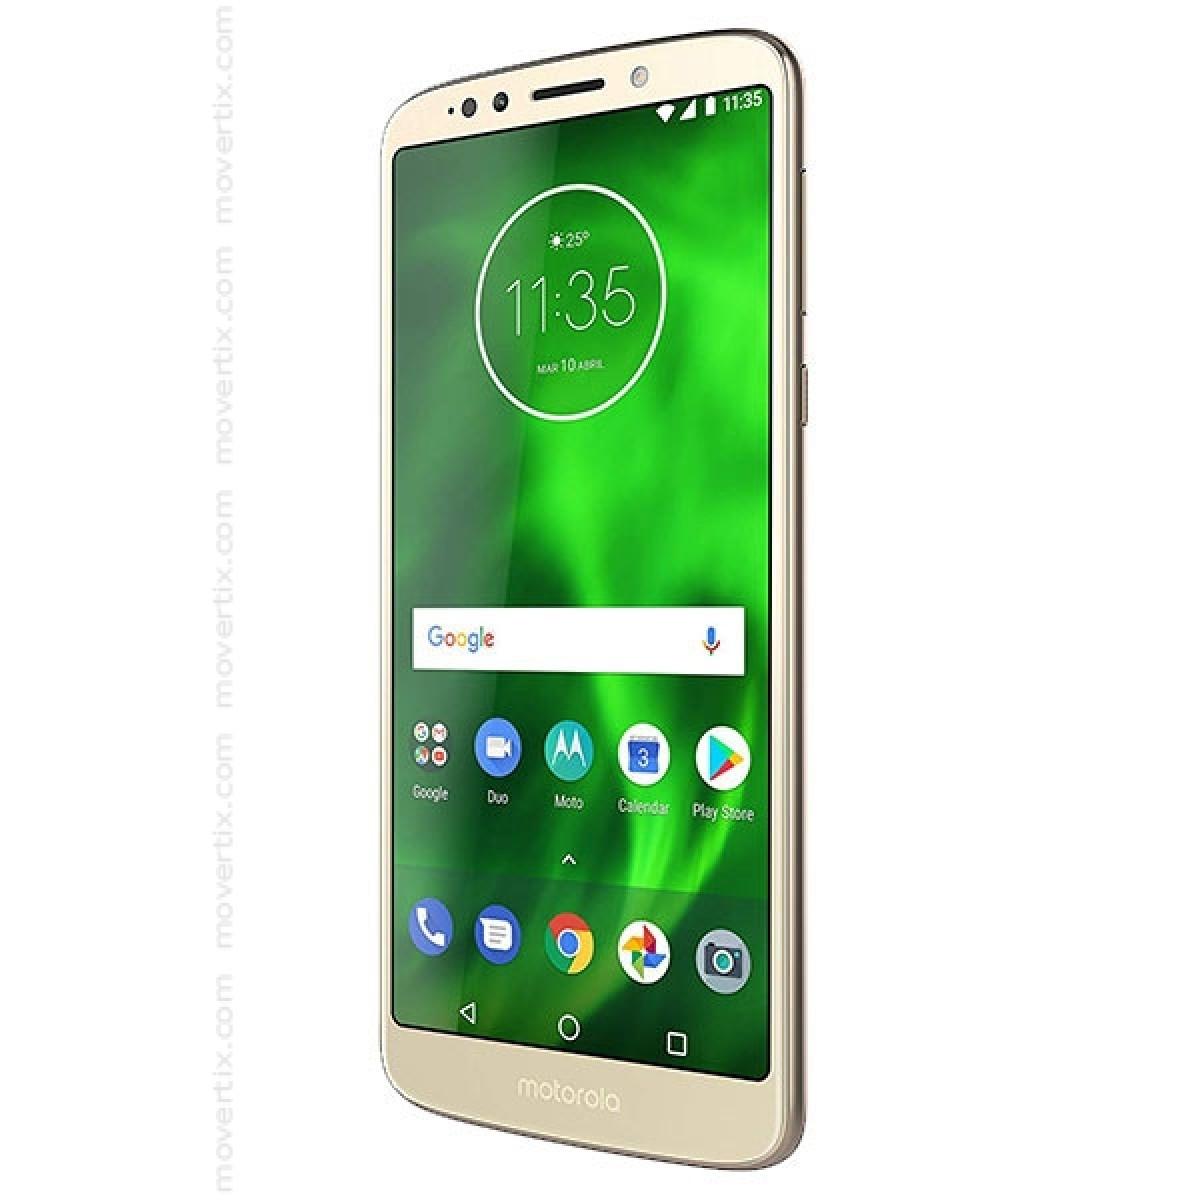 70a38809926 El Motorola Moto G6 Play Dual SIM de color Oro es un smartphone imparable.  Disfruta más de lo que te gusta con hasta 32 horas de batería.